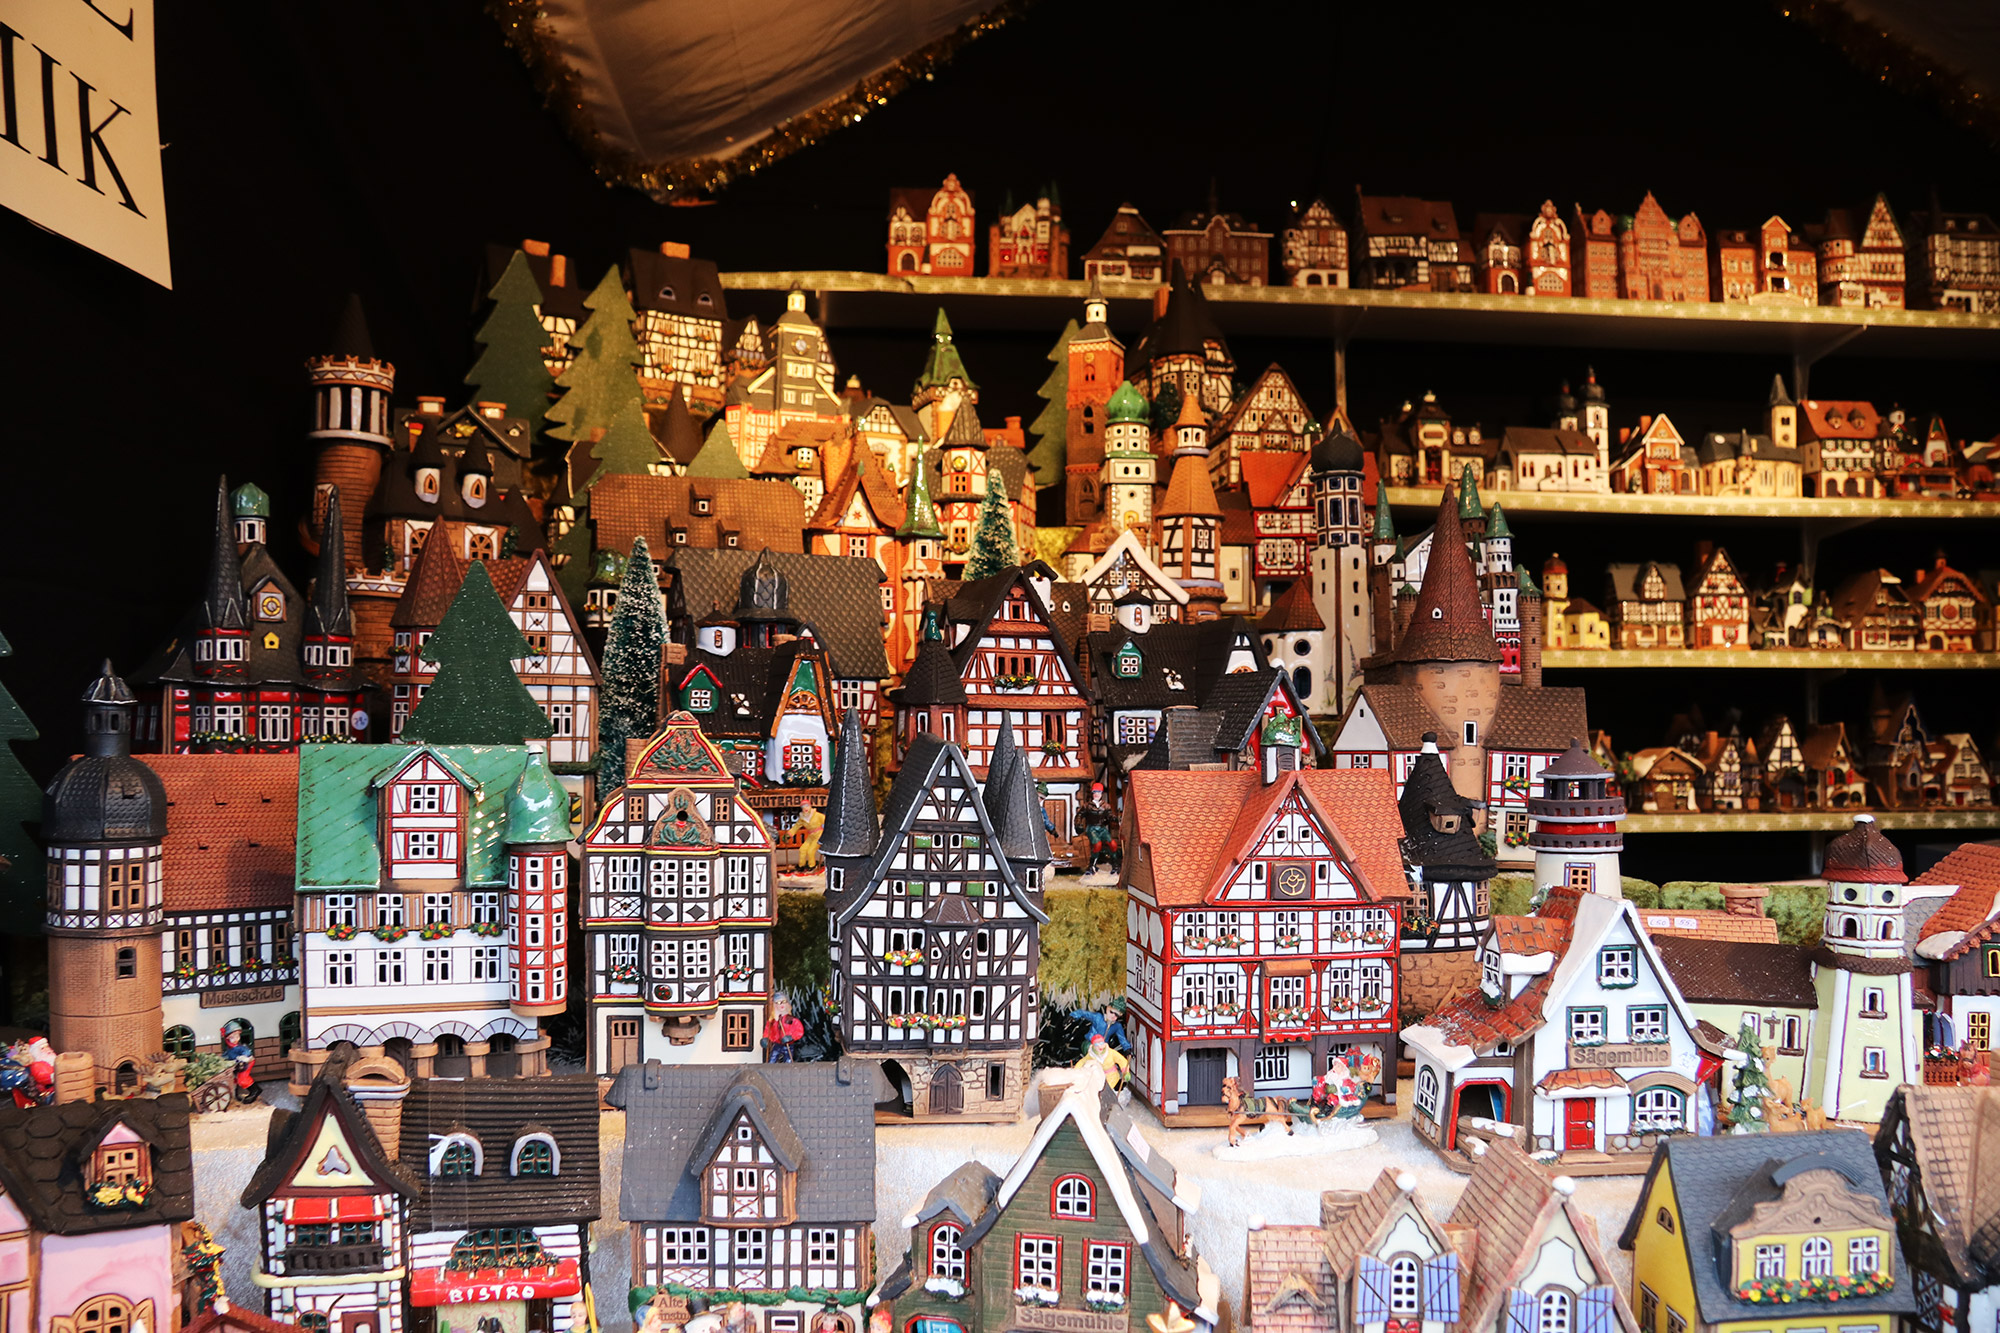 Oberhausen kerstmarkt, mijn tips - Keramiekhuisjes